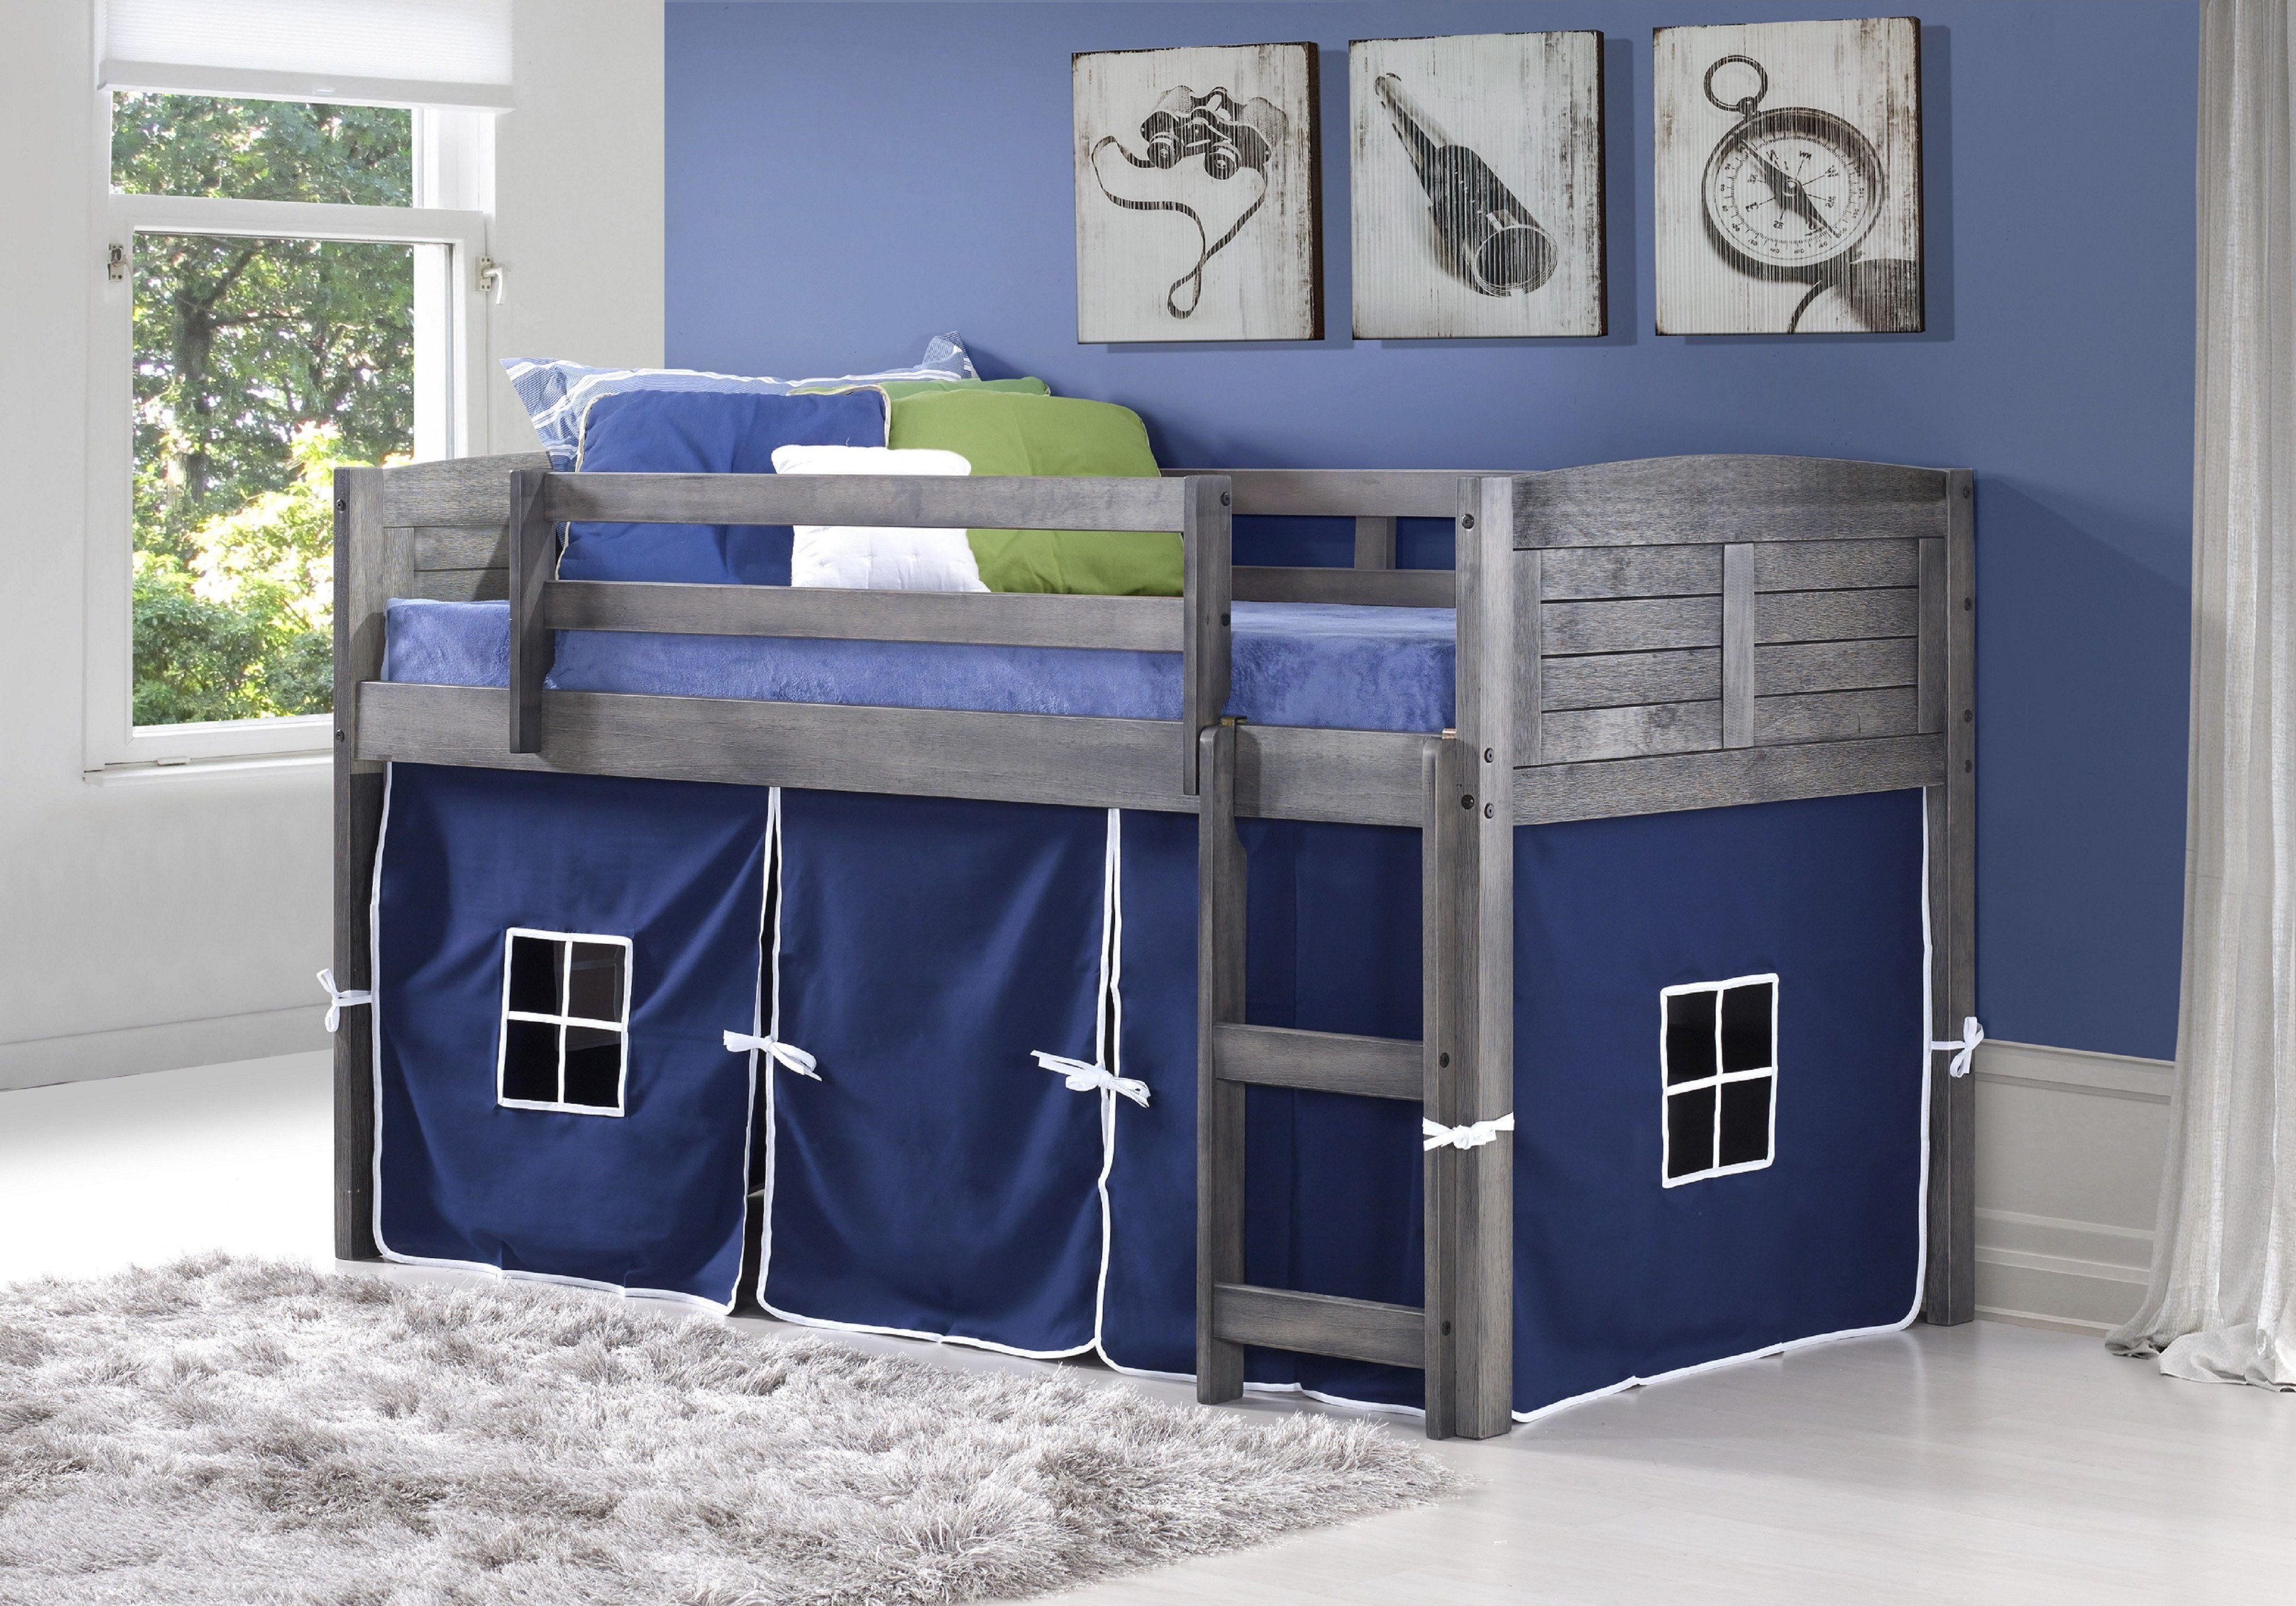 Loft bed with desk blue  Rustic Hideaway Loft Bed  Products  Pinterest  Low loft beds